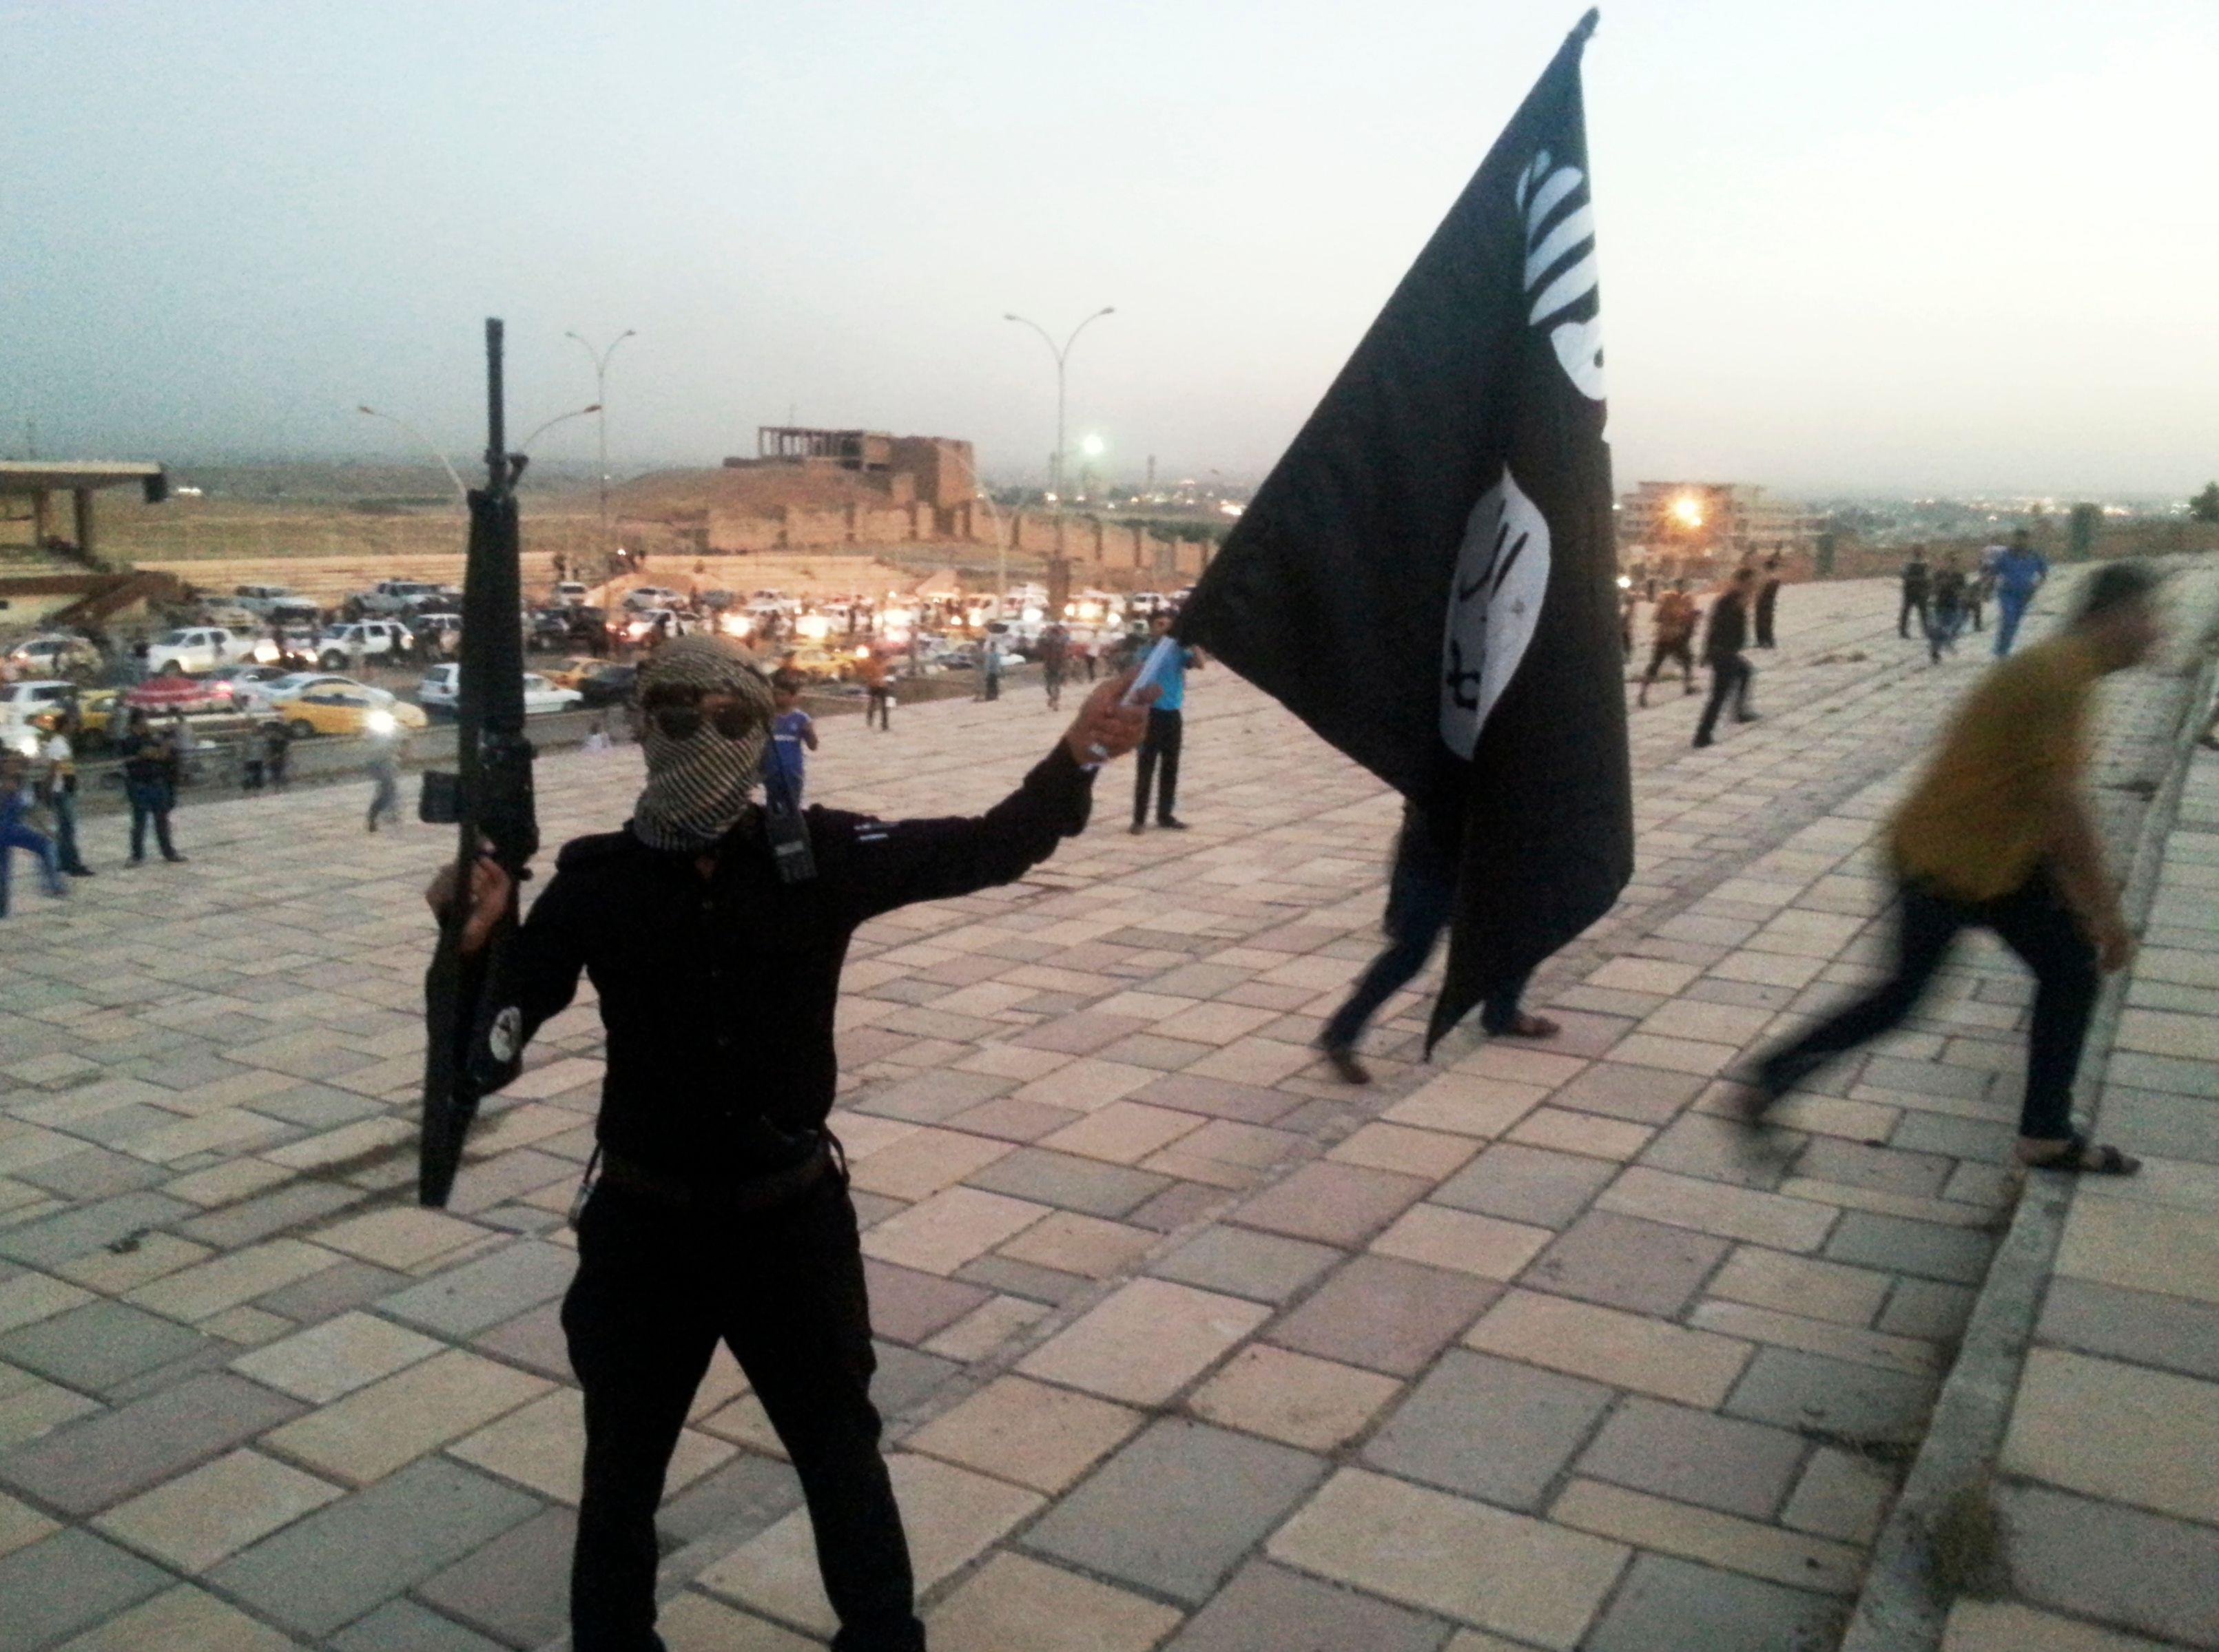 """Etat islamique : le groupe menace d'exécuter les otages """"avant le coucher du soleil"""" s'il n'a pas ce qu'il demande"""